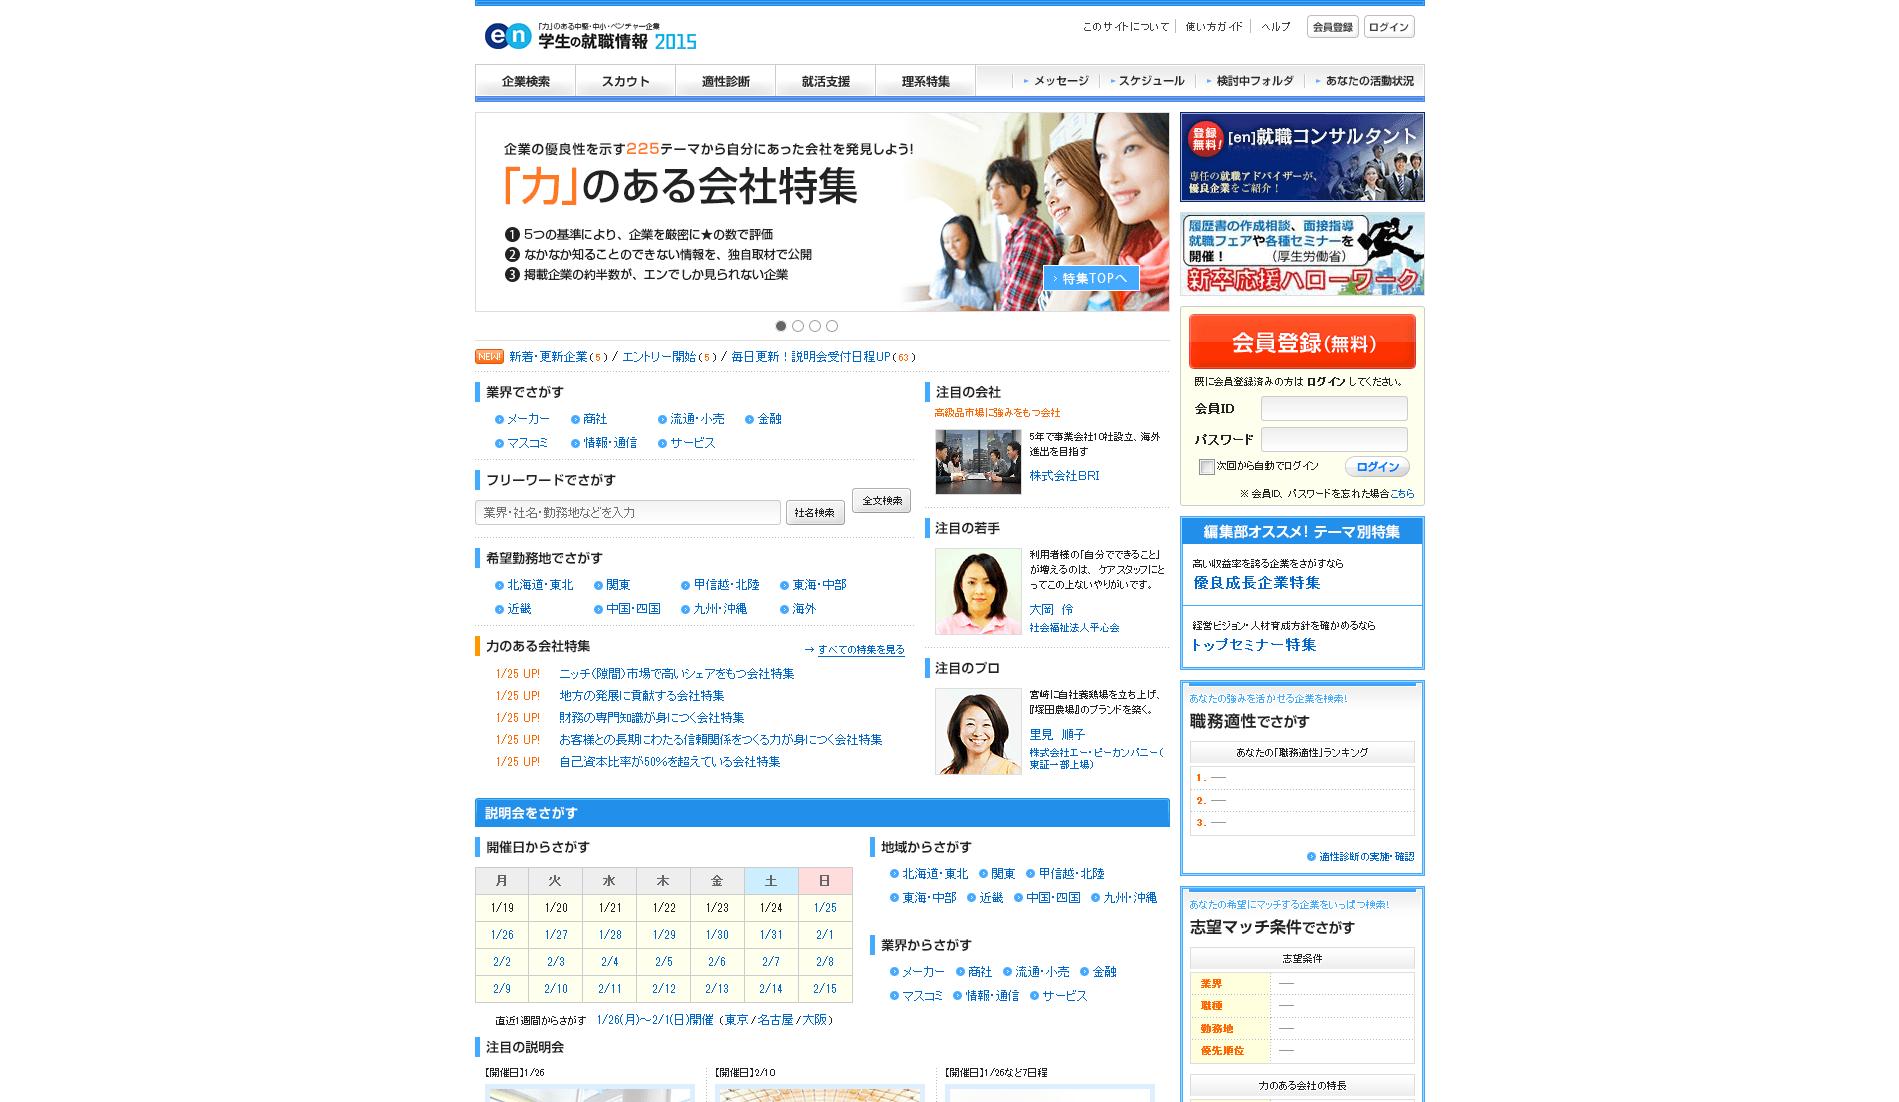 就職・就活サイトなら【エンジャパン】の[en]学生の就職情報2015